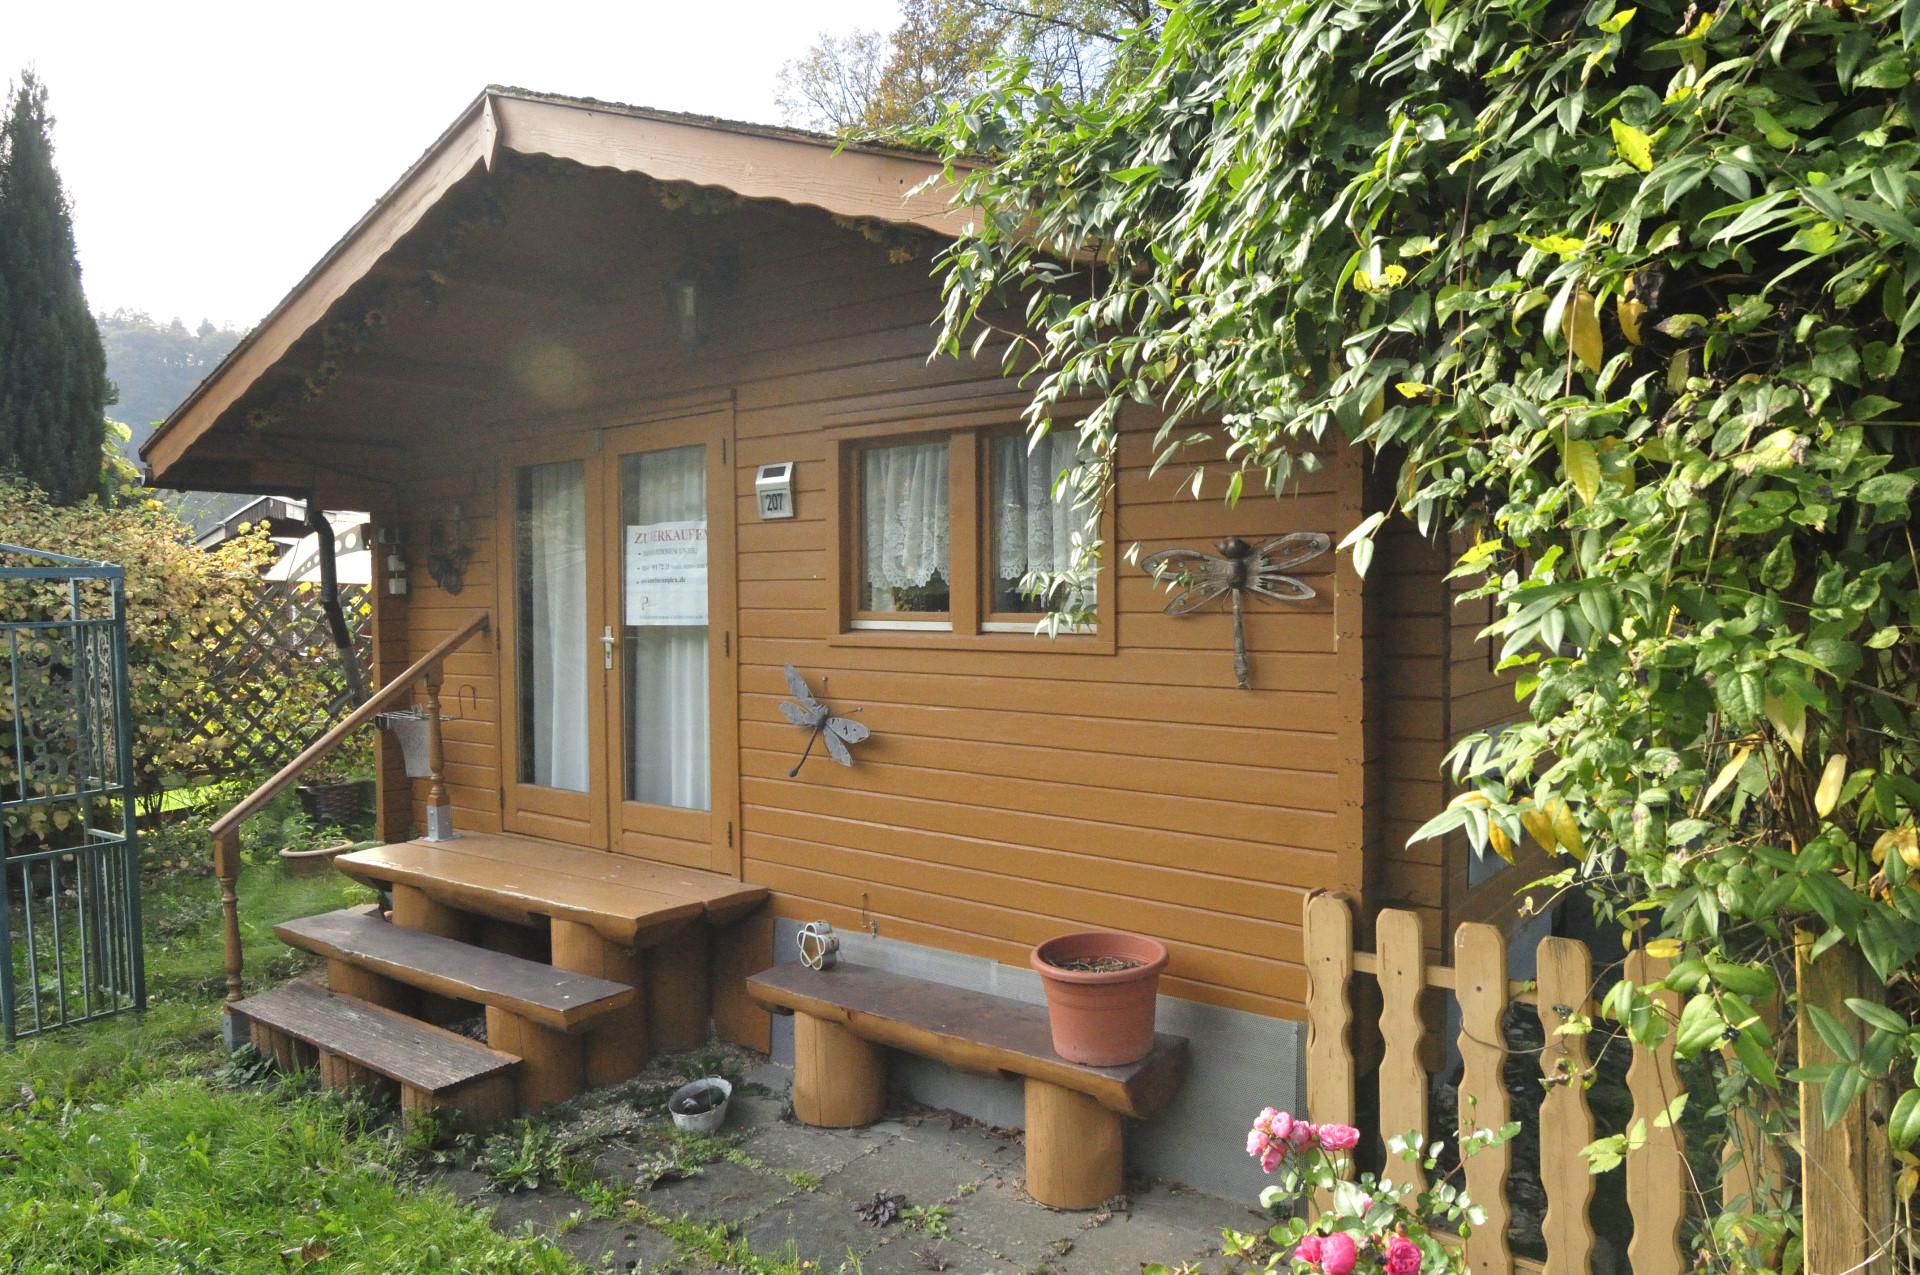 Camping Wiedtal Rhein parzelle 207- 01